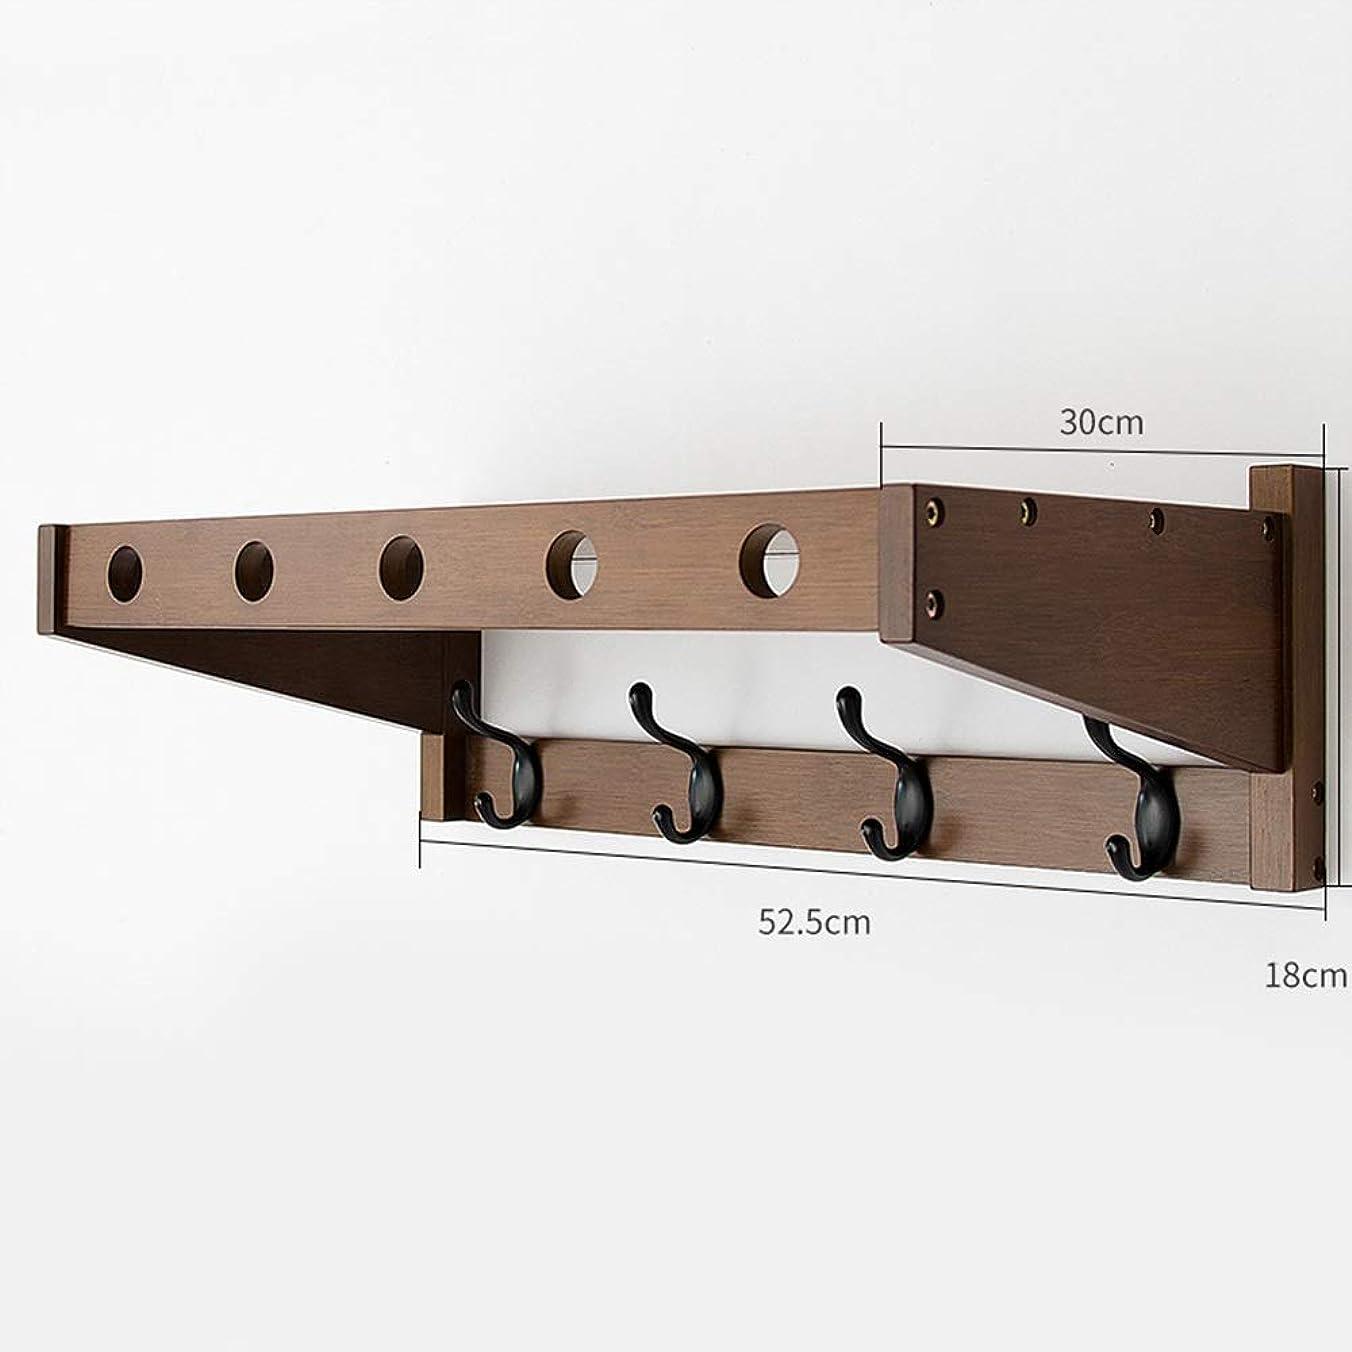 万歳徹底的にぴかぴかQFFL コートフック、廊下入り口寝室用リビングルームバスルームキッチン - 3色3サイズオプションの棚付き木製壁掛けコートラック コートラック (色 : ウォールナット, サイズ さいず : 4 hooks)